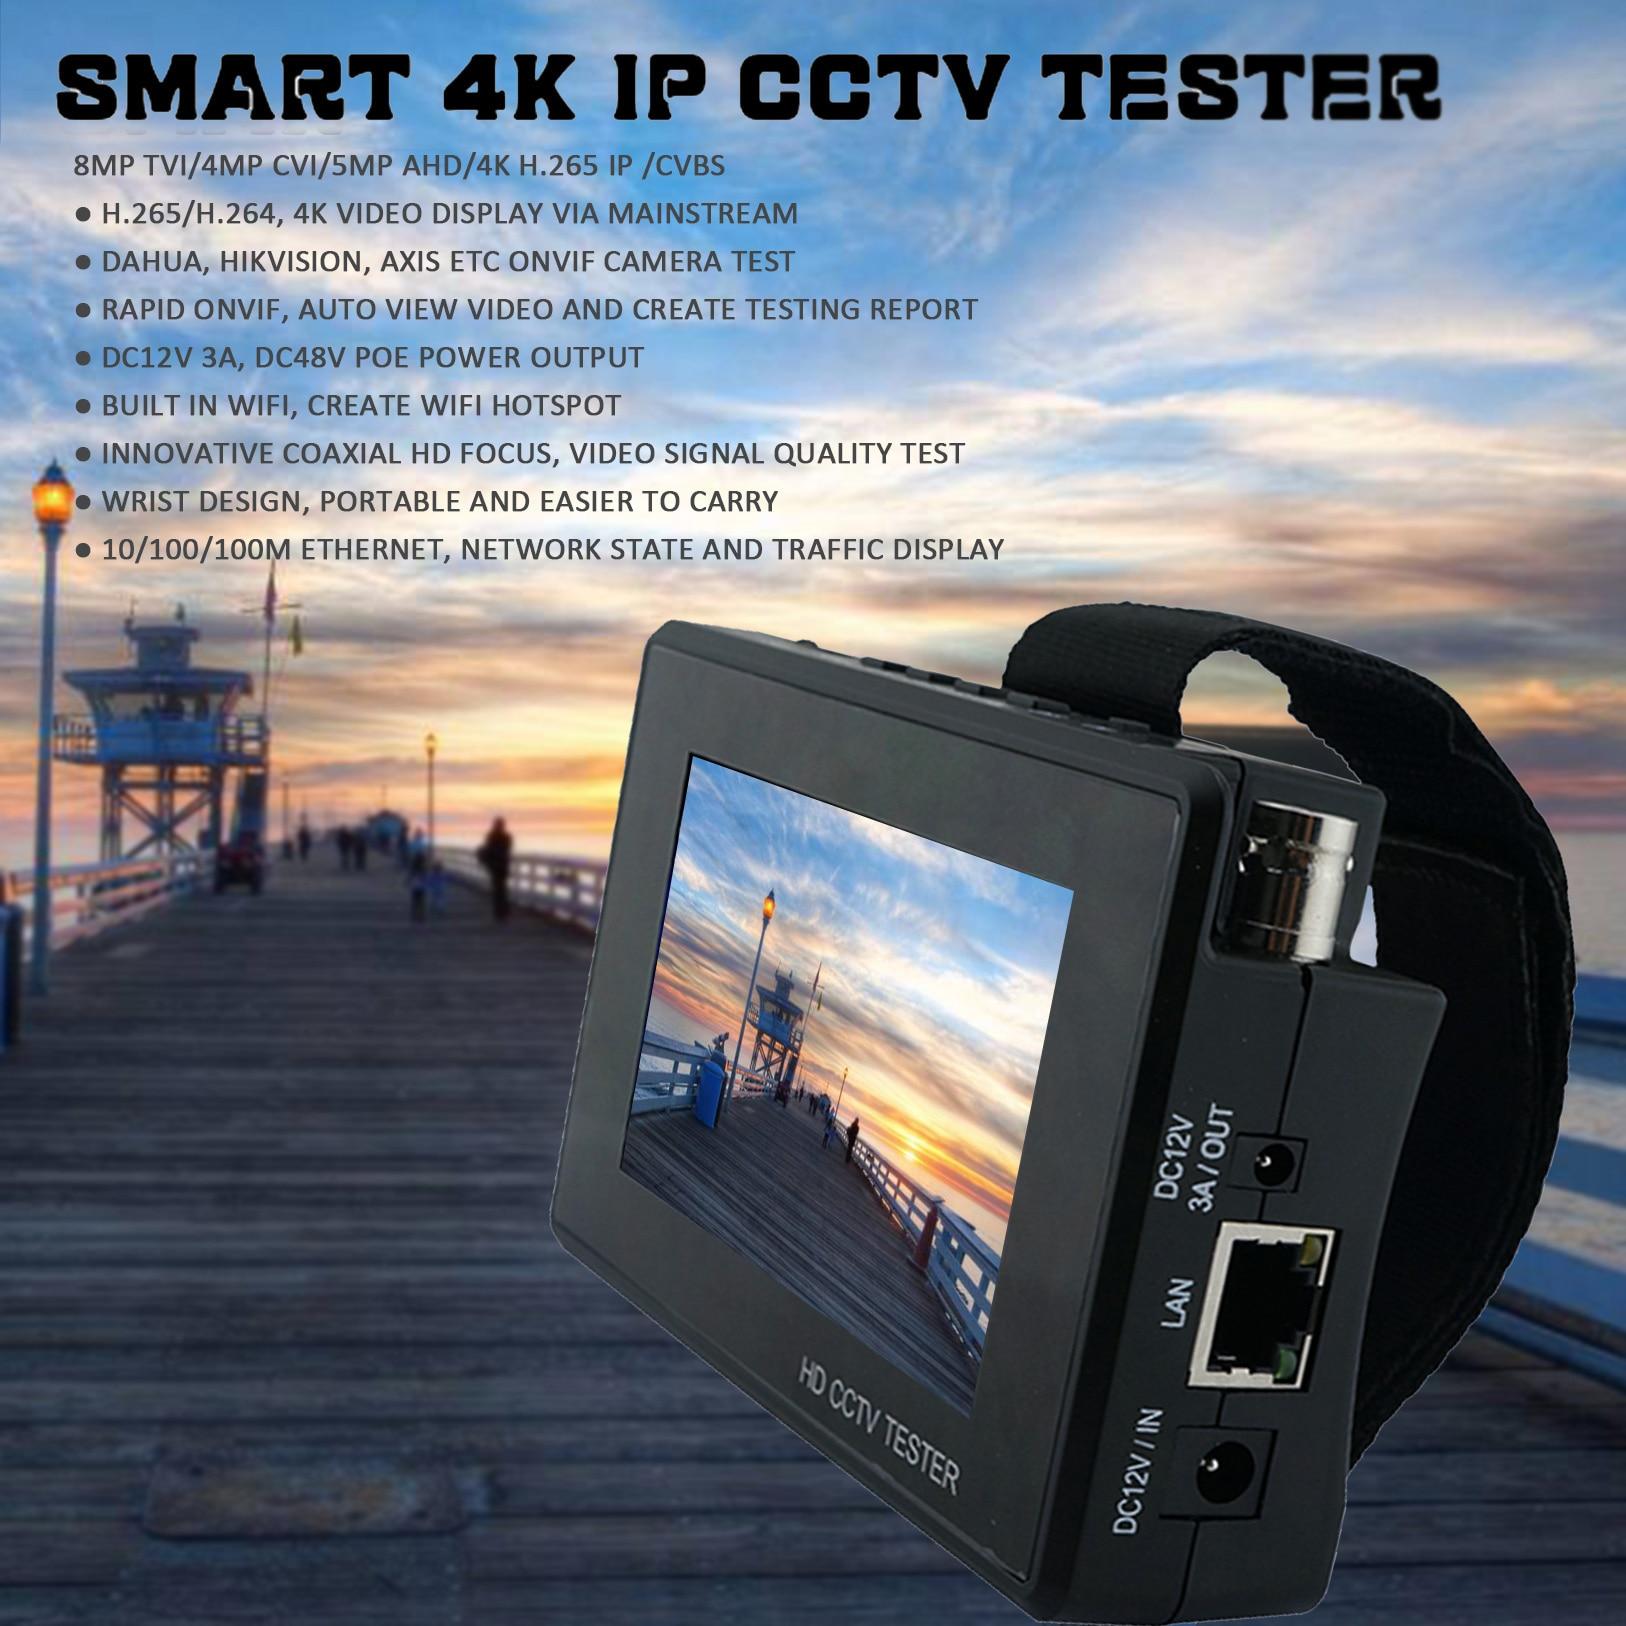 NOVO Smart 8MP TESTER CCTV IPC 1800 Plus H265 264 Guia 4 Polegada 4 K dispositivo de Segurança IP monitor Da Câmera com WIFI AHD/TVI/CVI CVBS